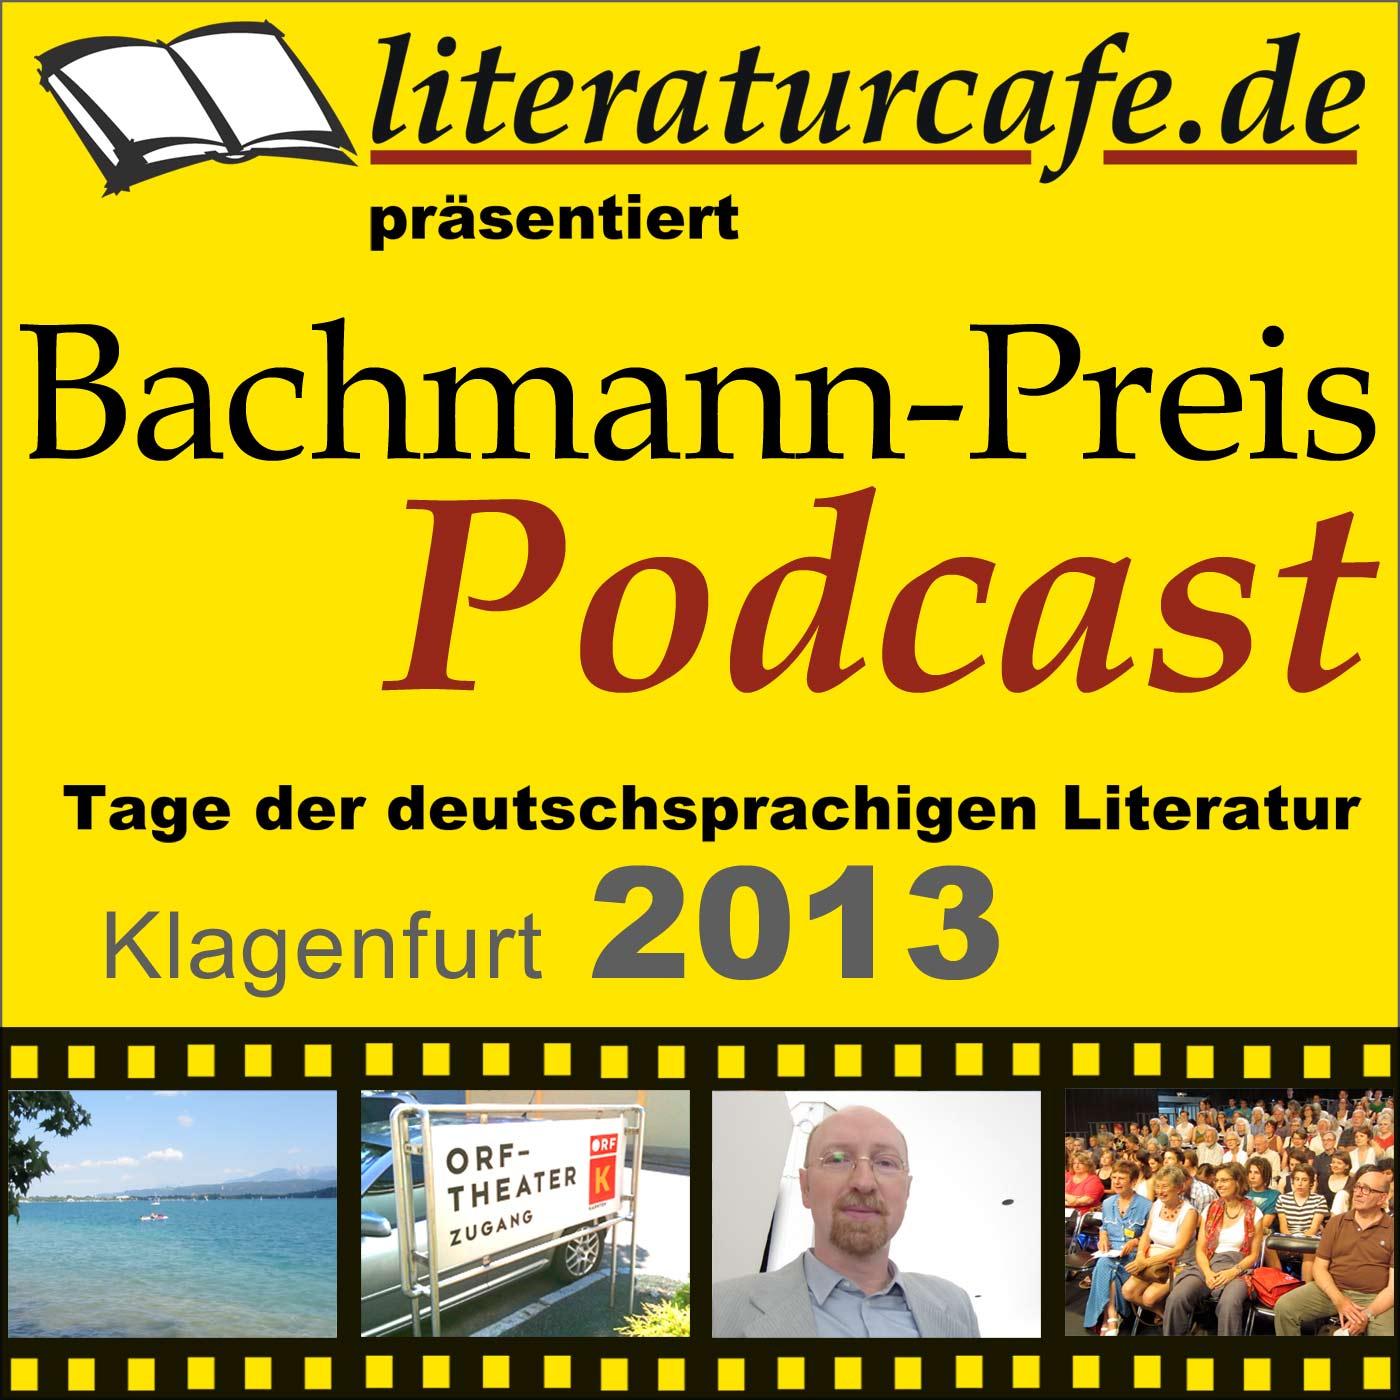 Bachmannpreis-Podcast 2013